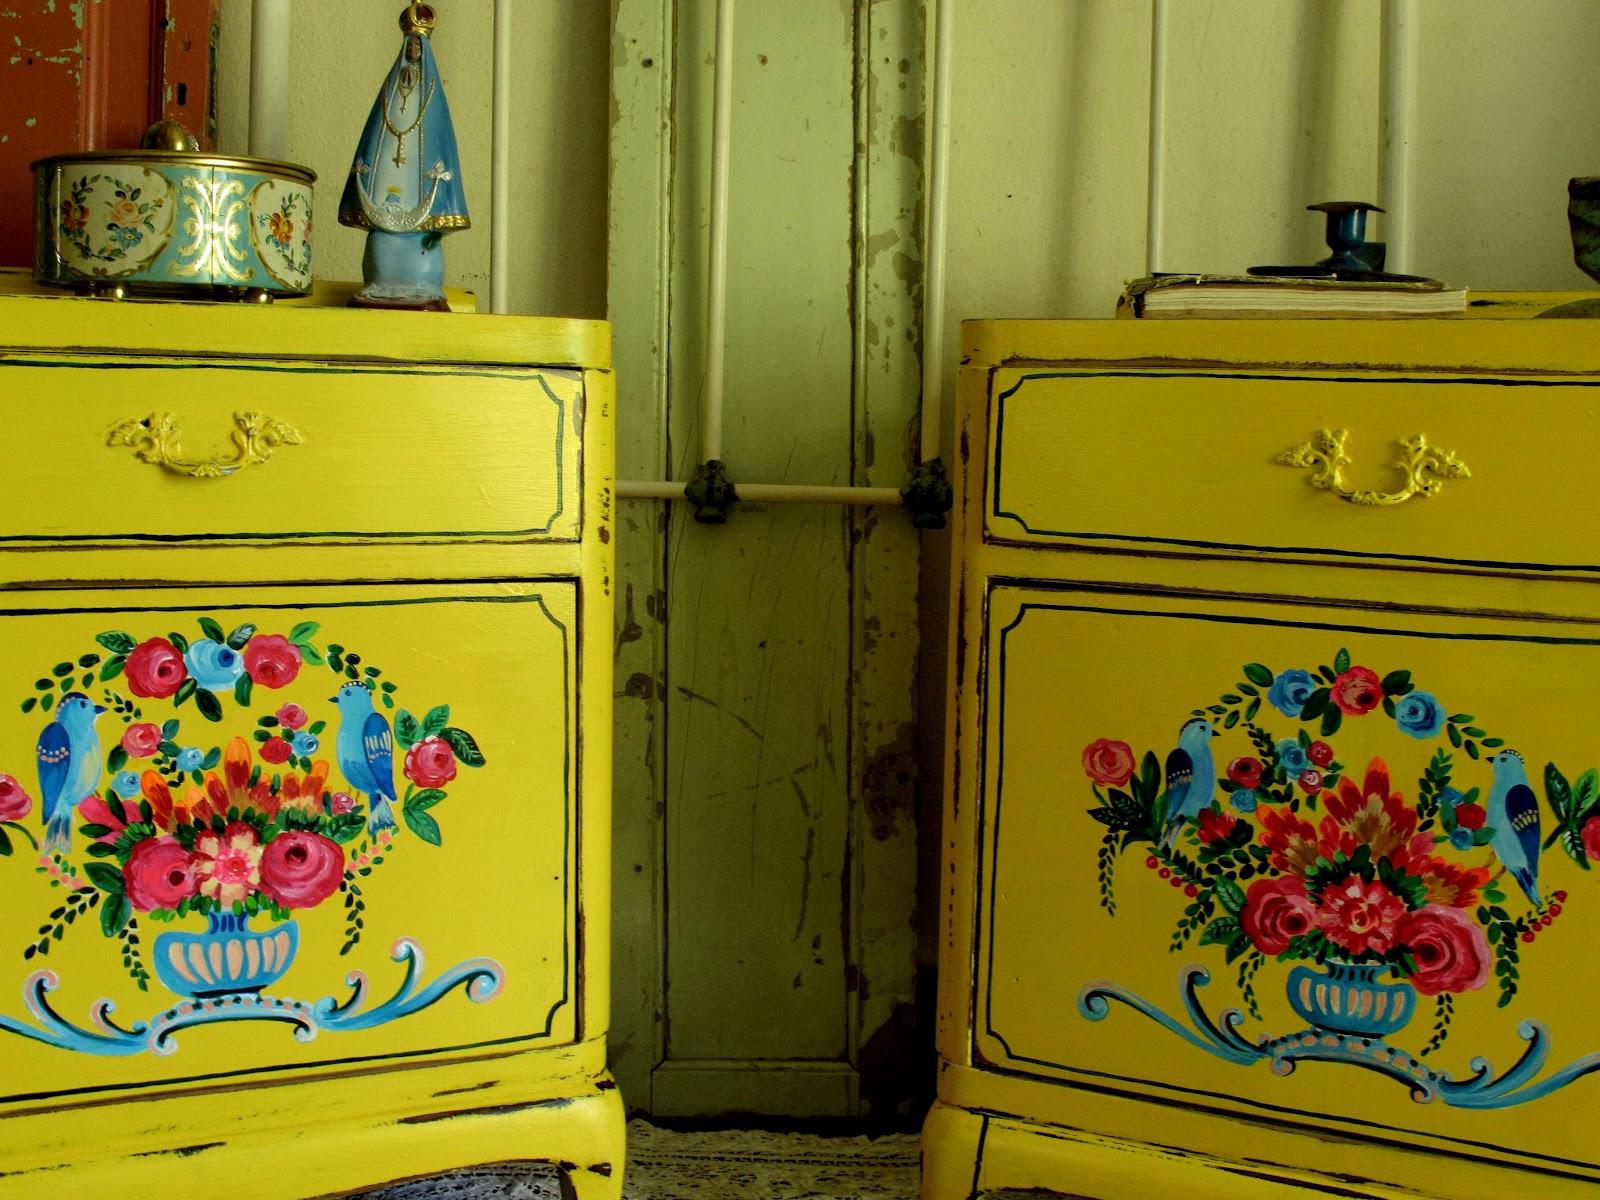 Muebles pintados las vidalas - Muebles pintados de colores ...